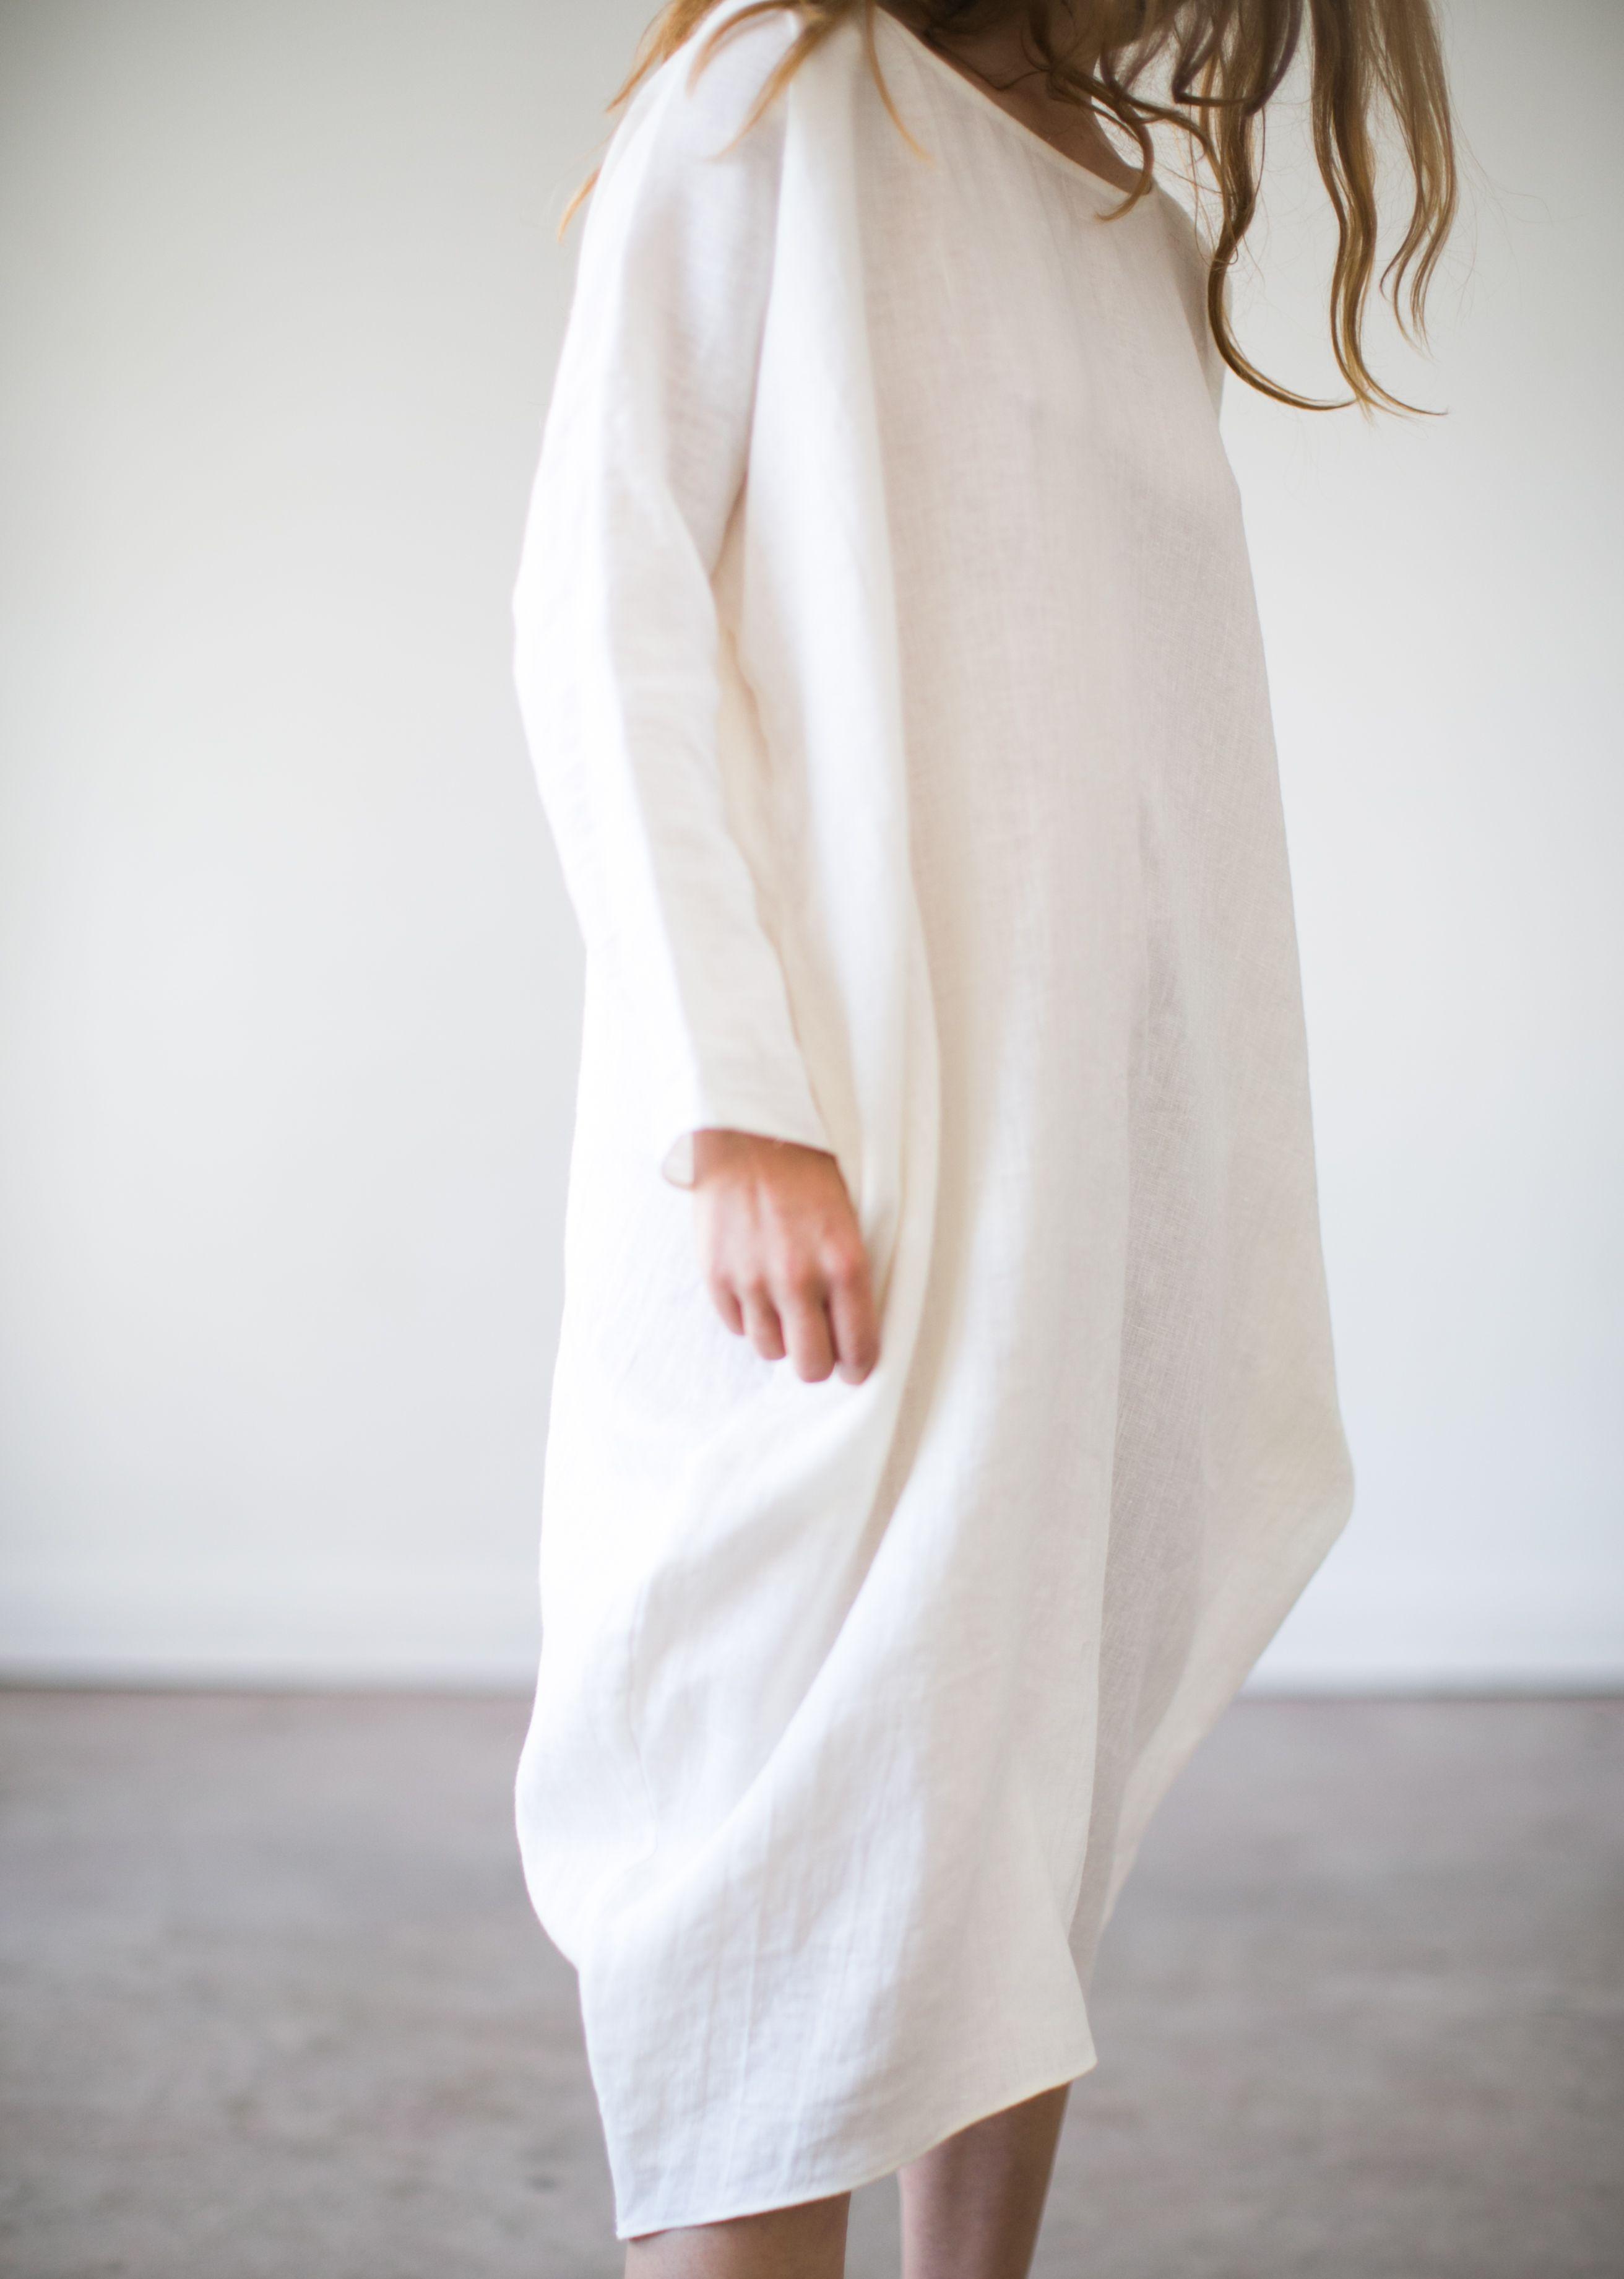 0053f35de8 Rachel Craven long sleeve cocoon dress